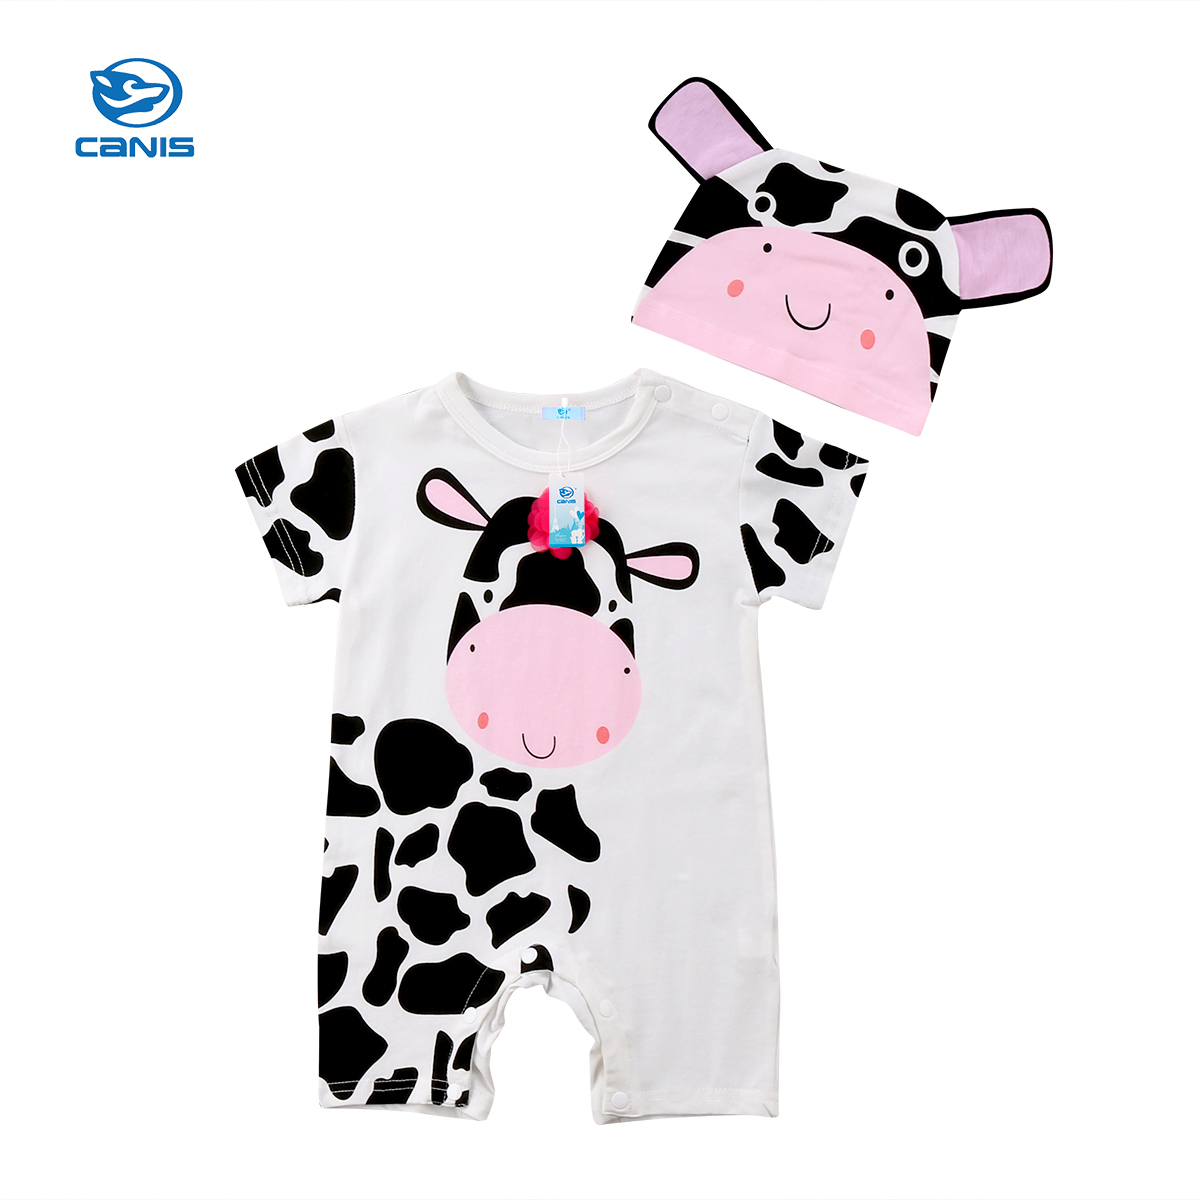 Канис 2 шт. Милая детская одежда для новорожденных для маленьких девочек комбинезон для мальчиков 3D коровы короткий рукав ползунки шляпа ко...